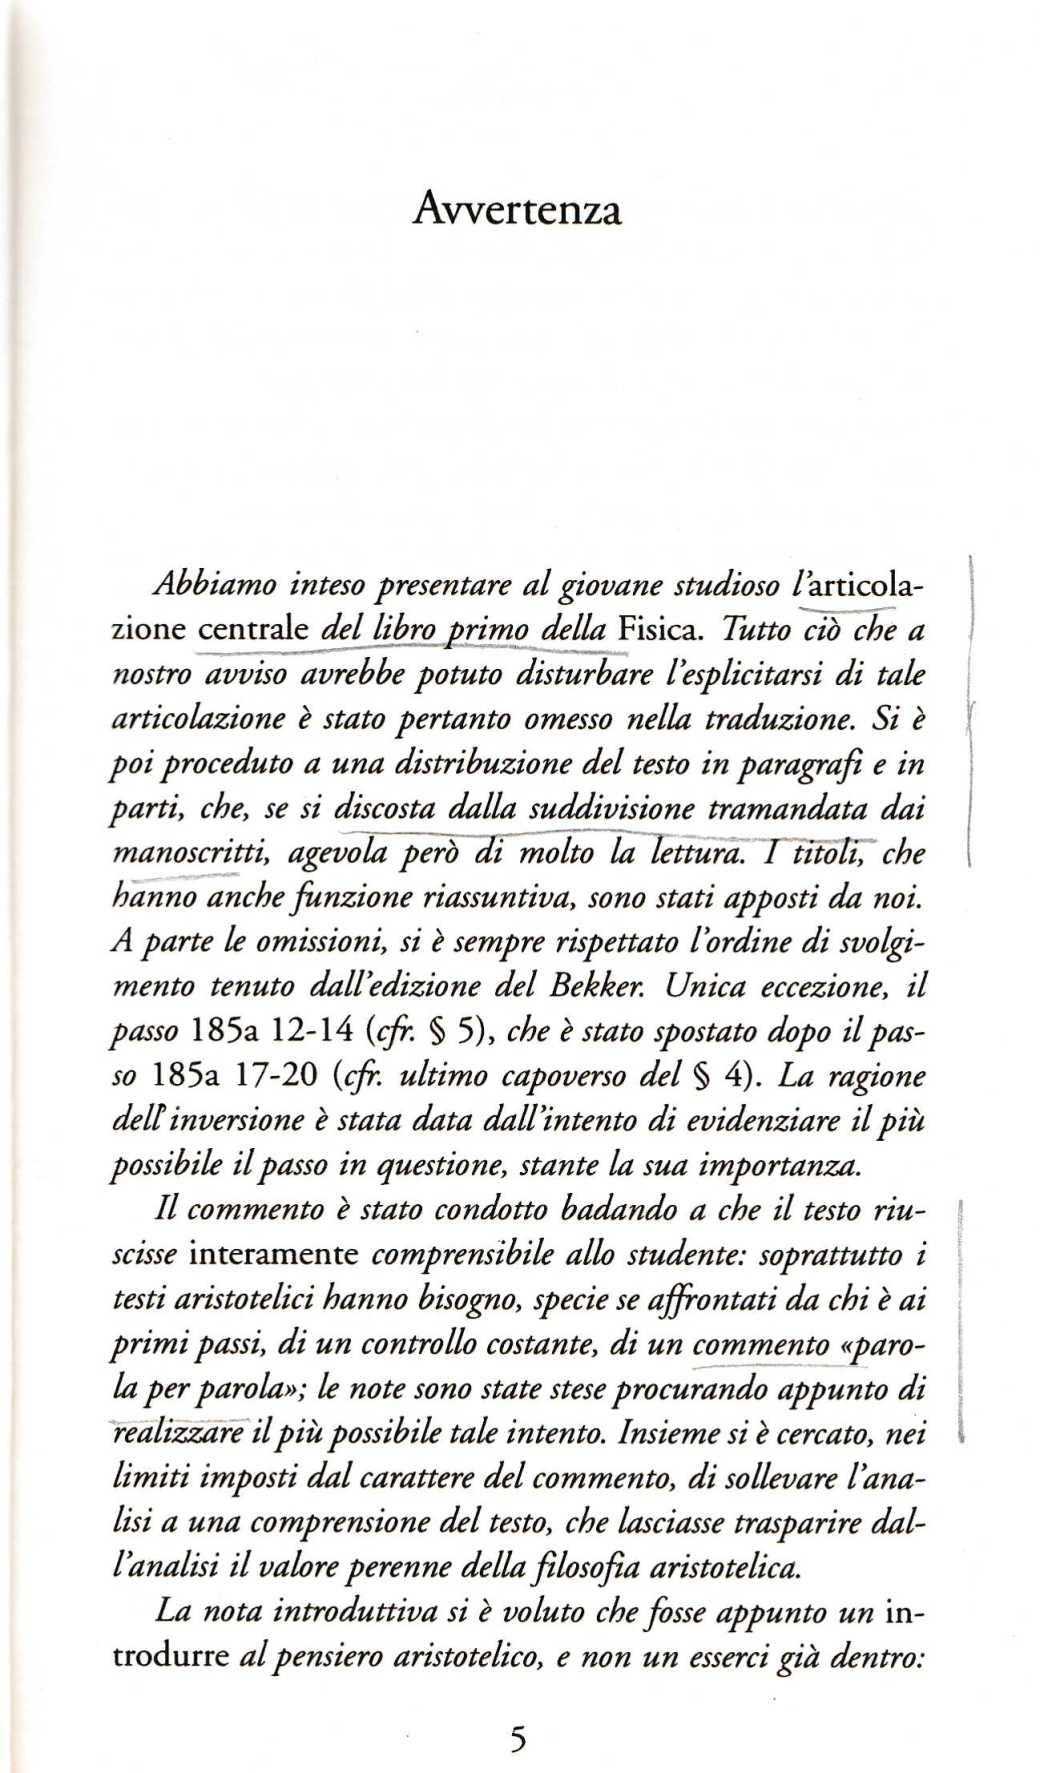 aristotele divenire193